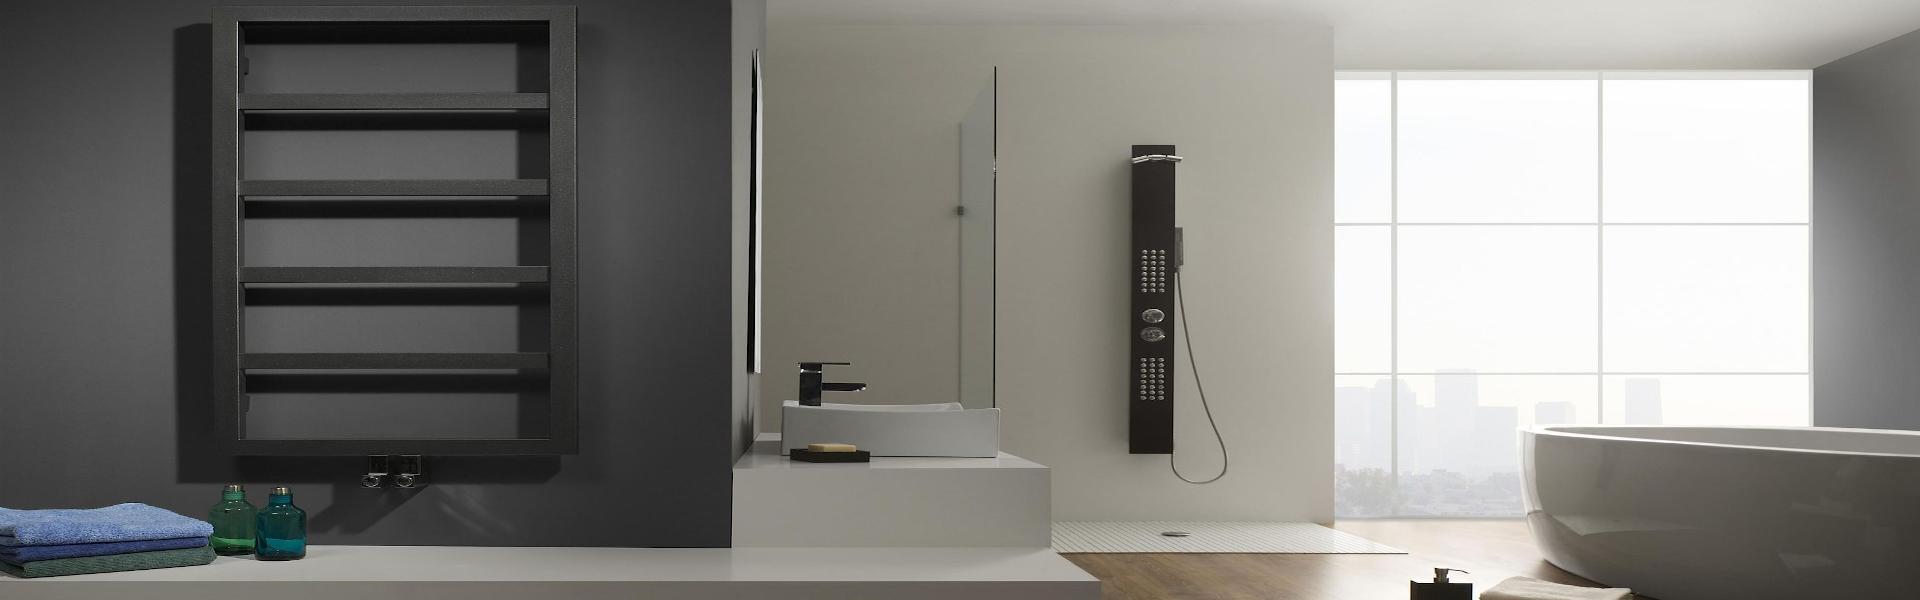 Prémium kategóriás fürdőszoba radiátorok.